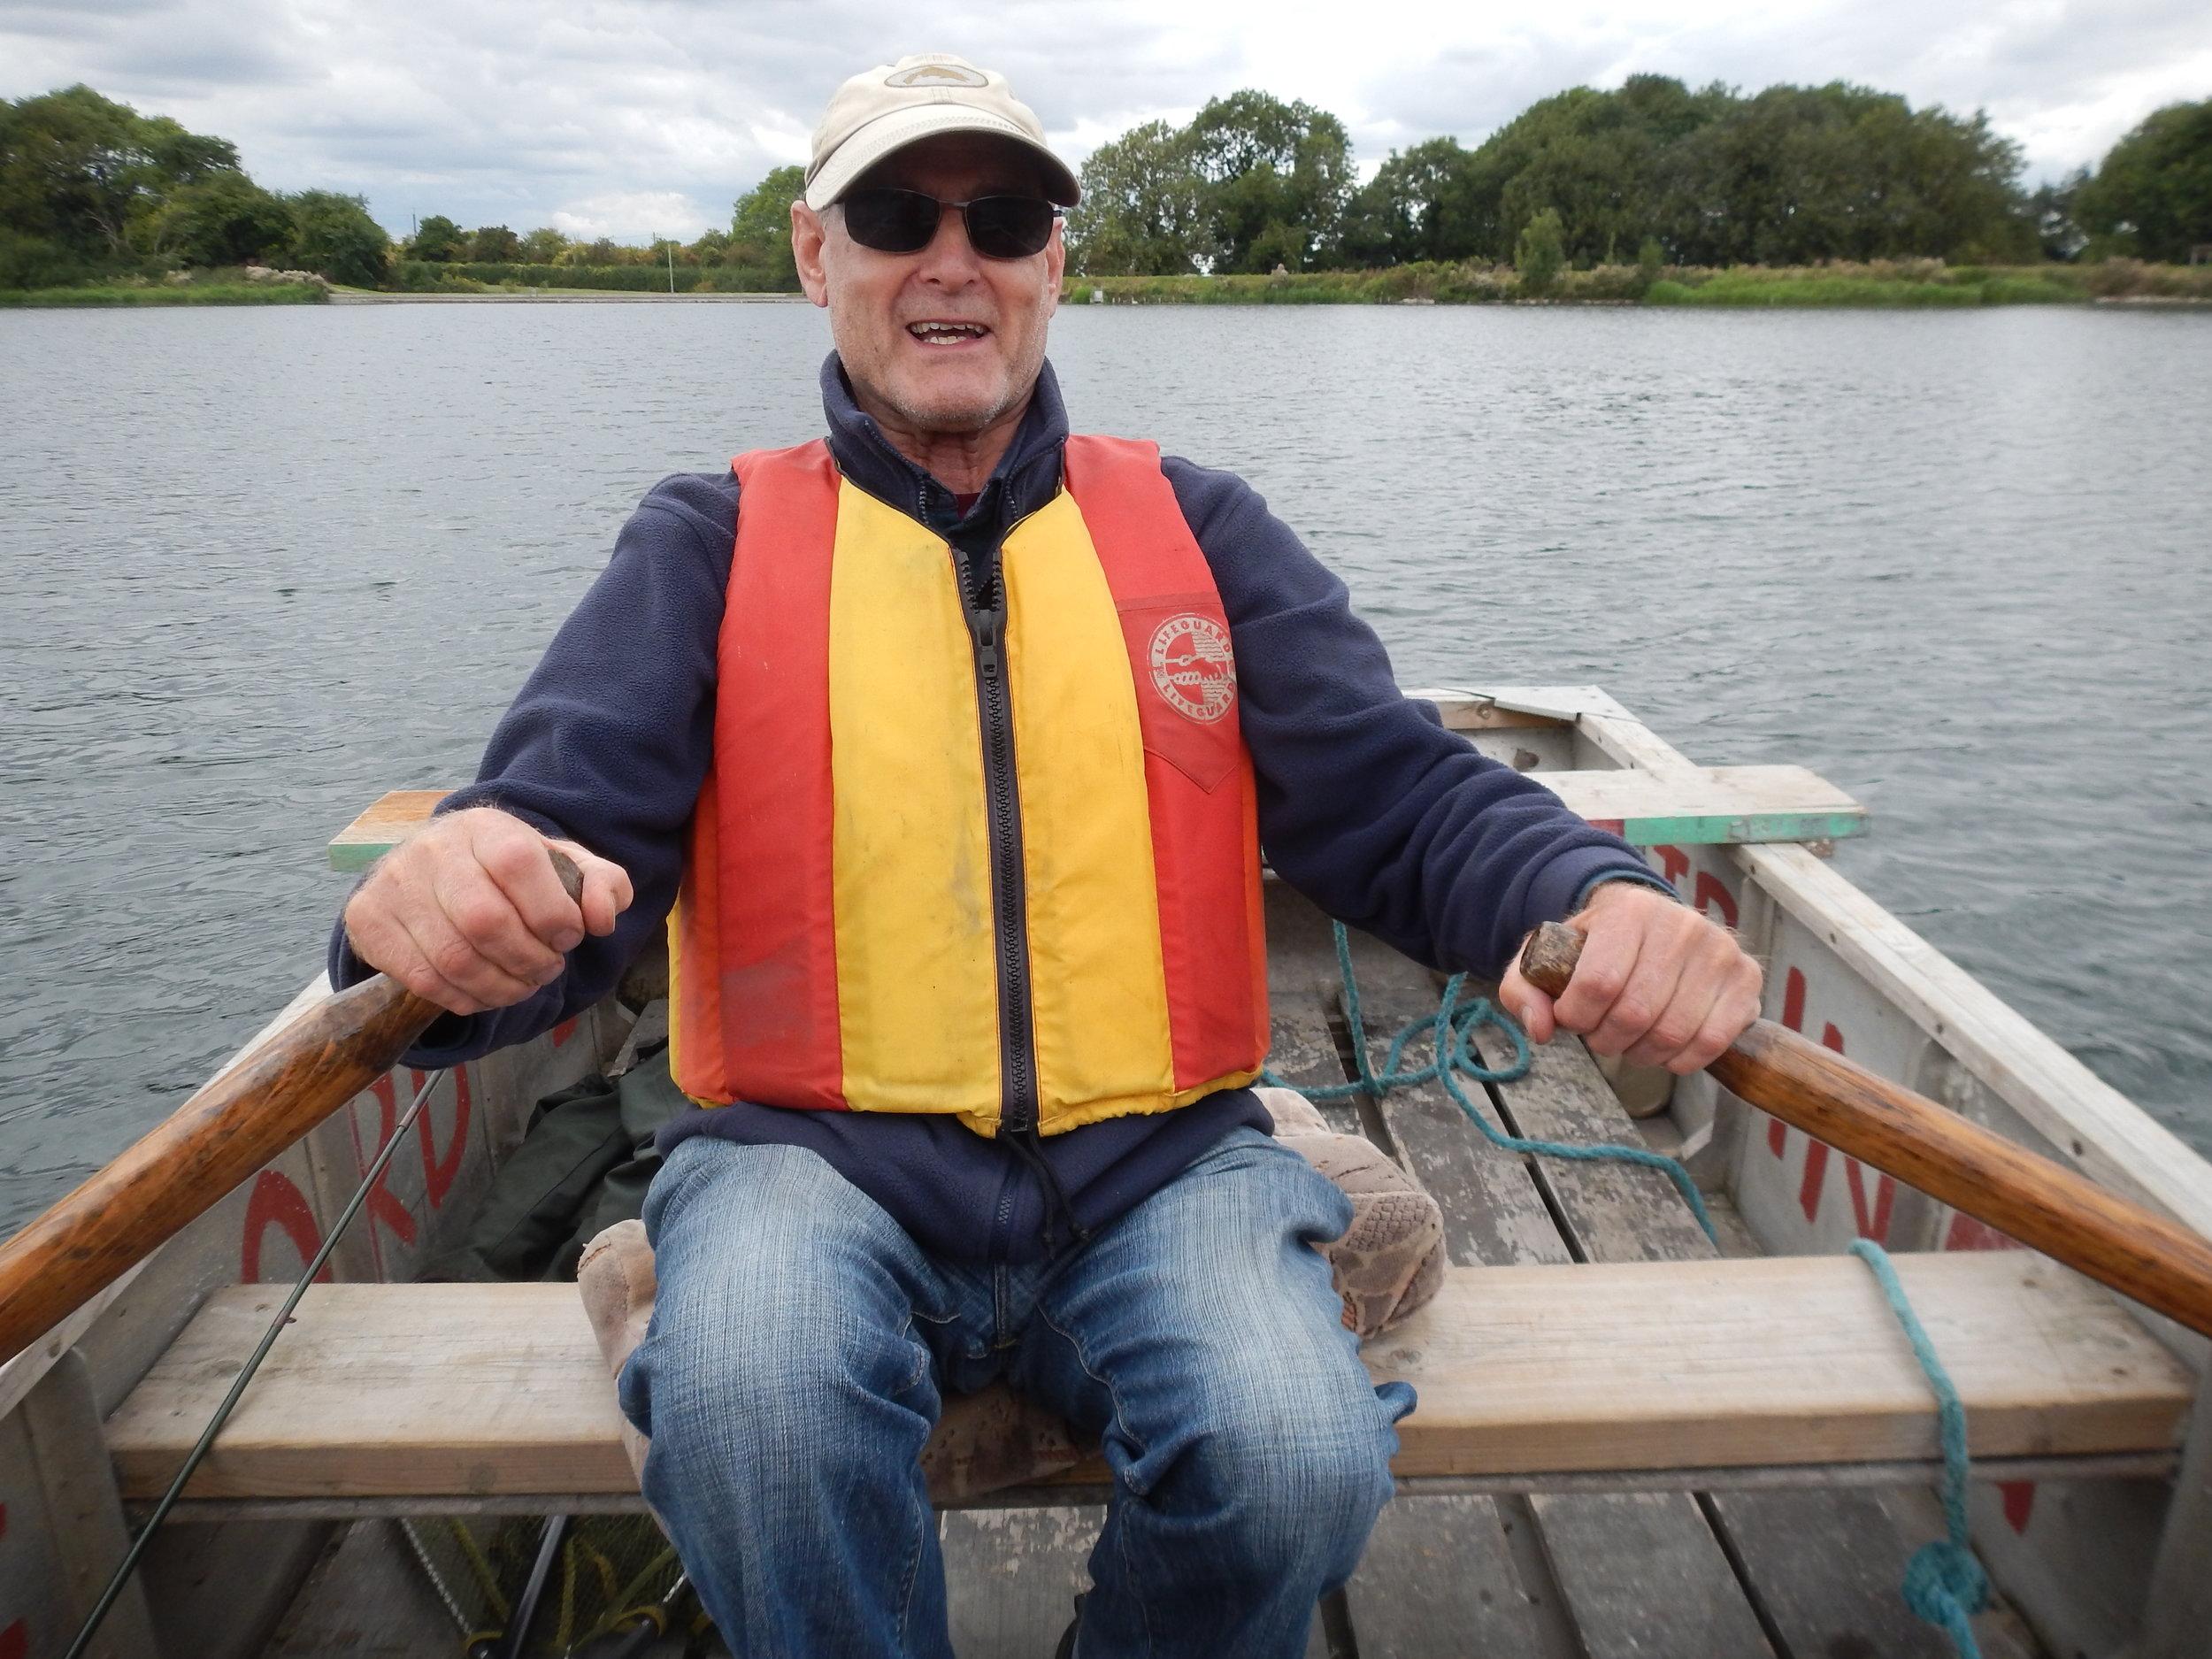 Gerry on Oars